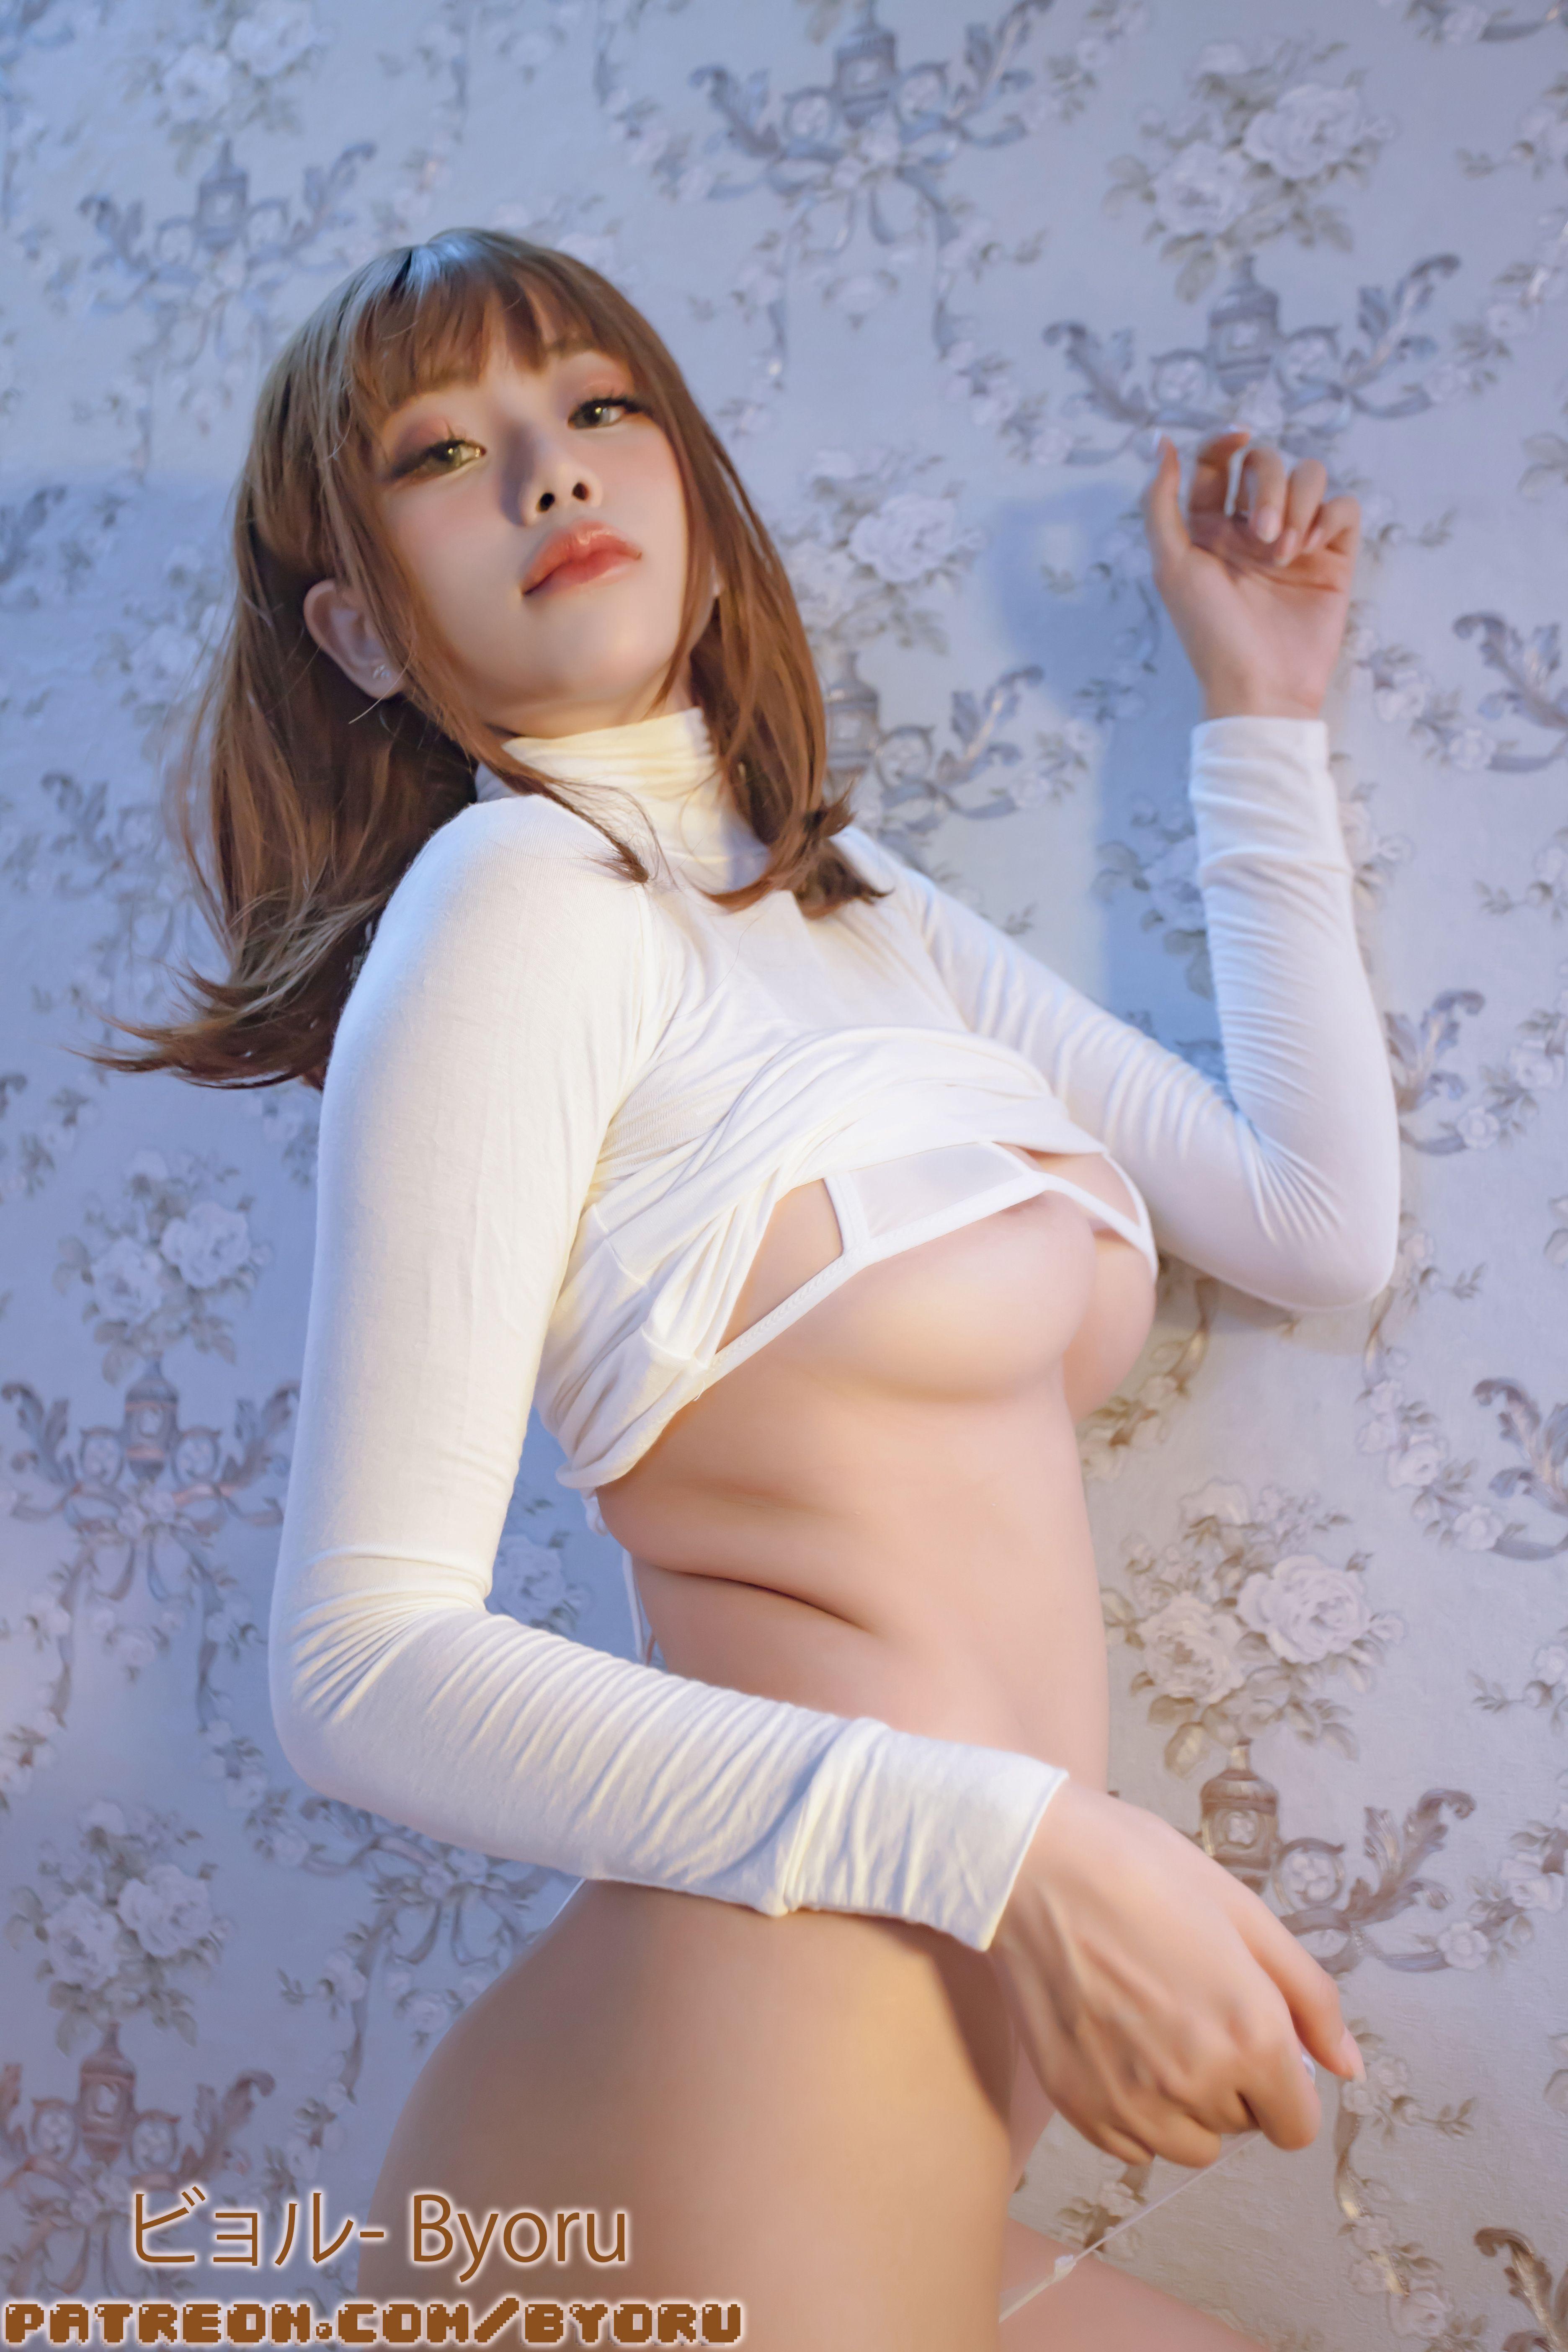 Byoru Oily Lolita 0005